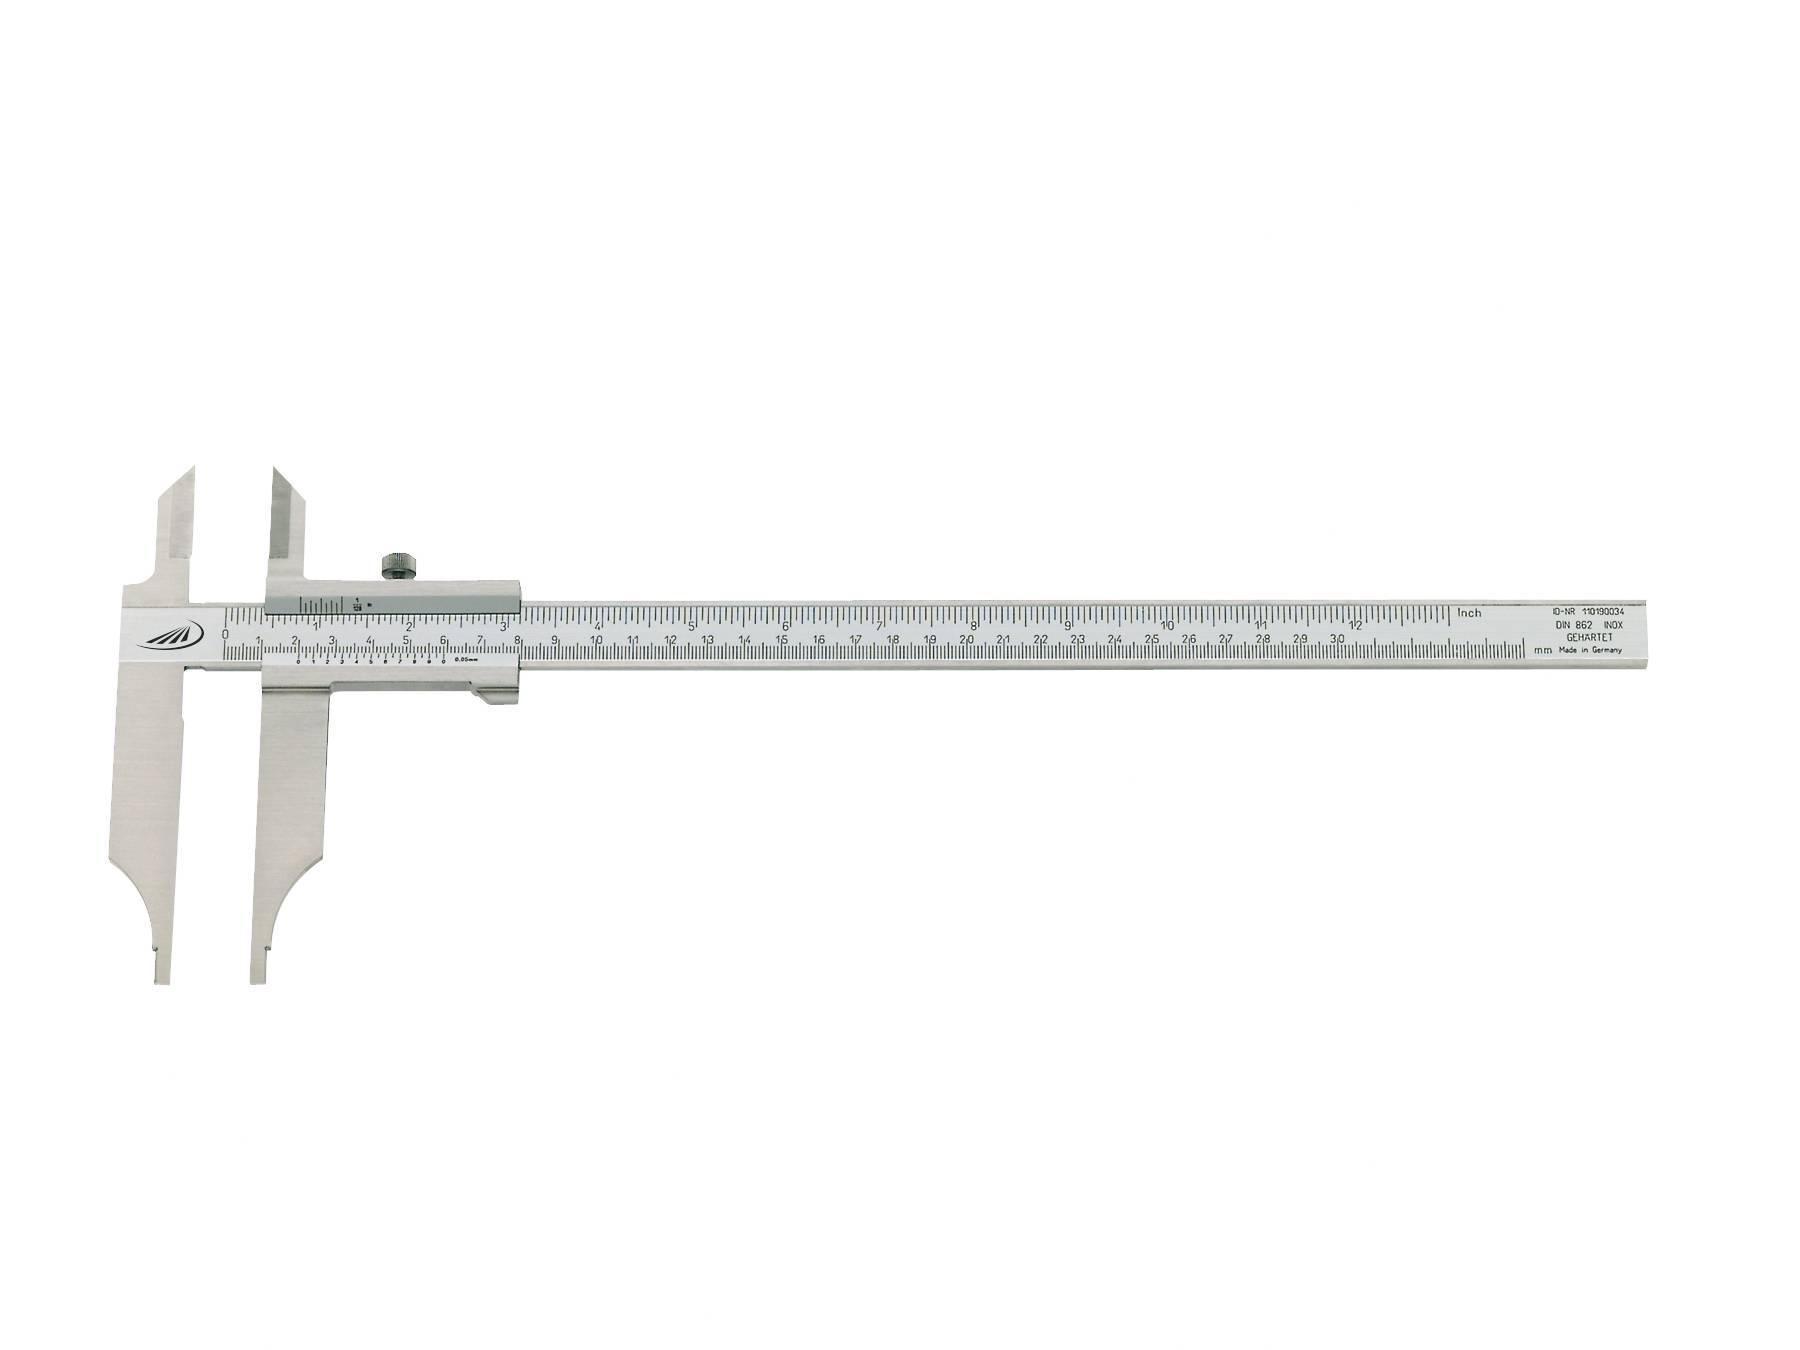 Posuvné měřítko Helios Preisser 0234201, měřicí rozsah 200 mm, Kalibrováno dle DAkkS / mé číslo pro ISO